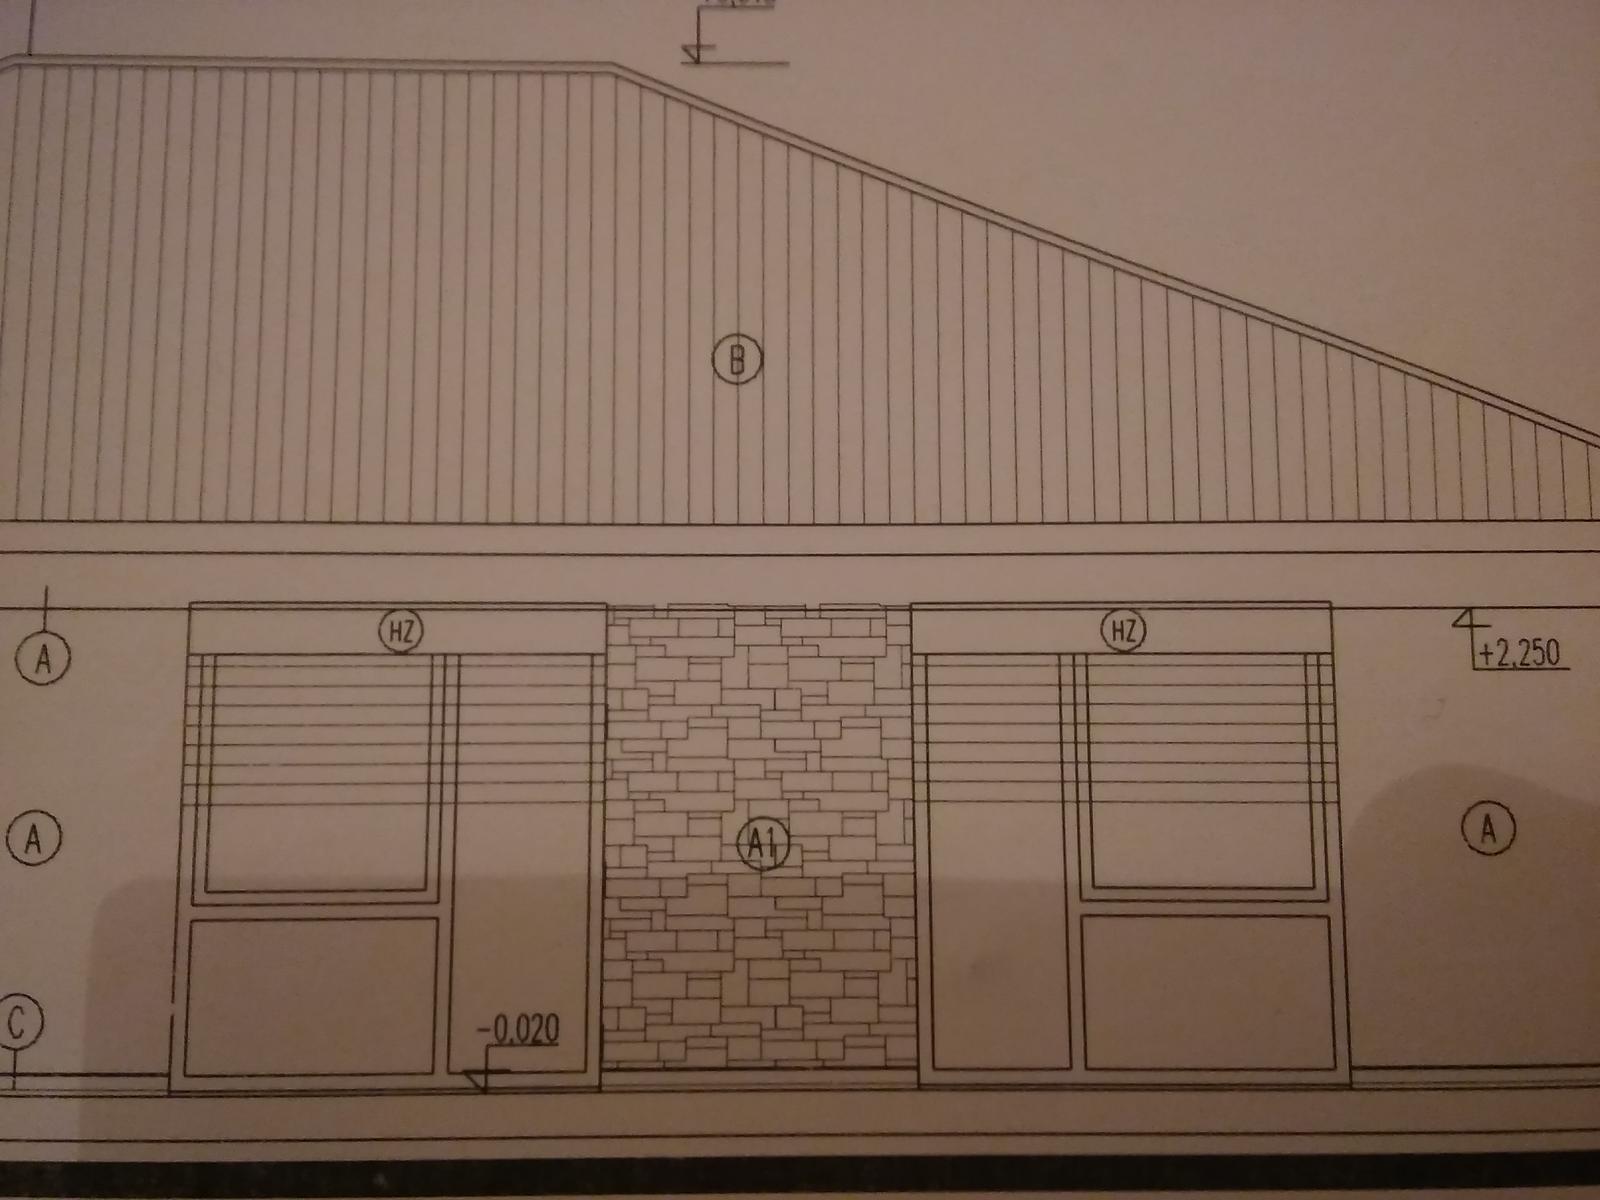 @stowasser realizacny projekt je... - Obrázok č. 2